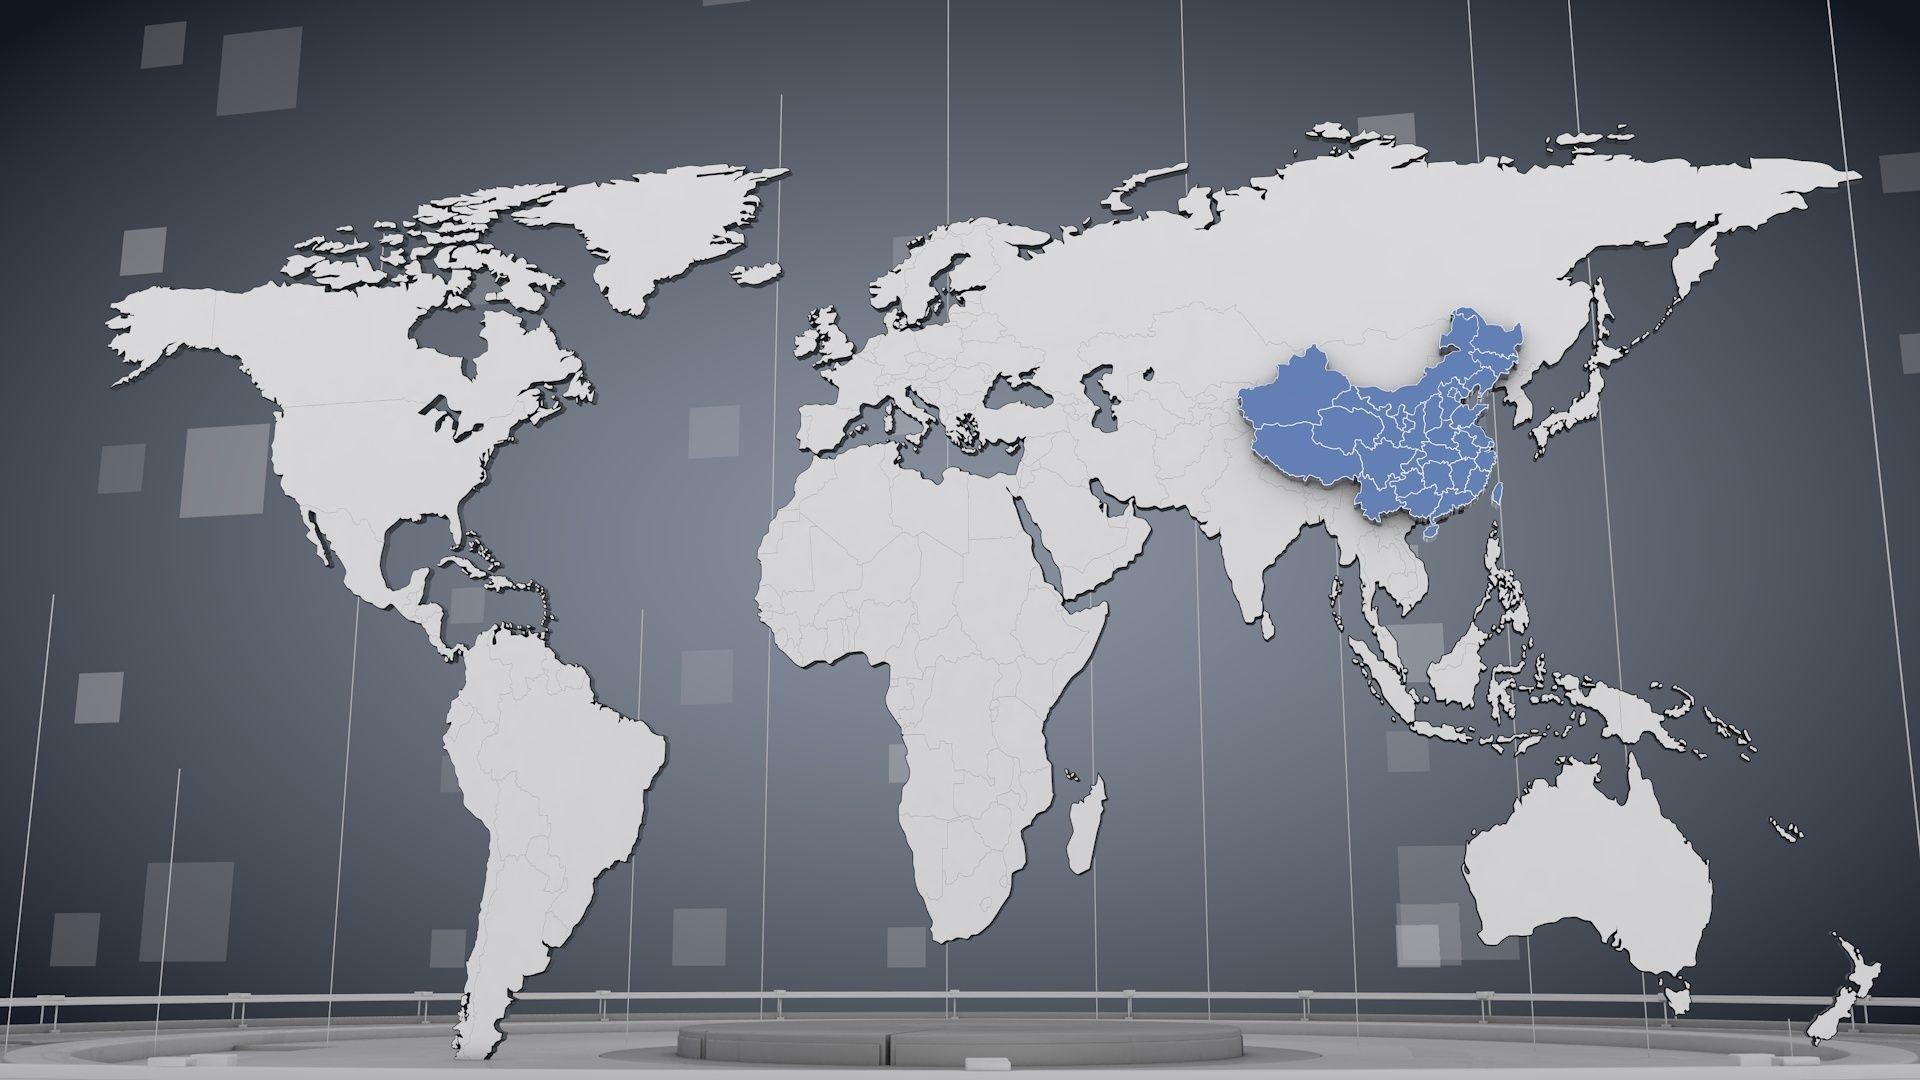 World Map 3d Model.3d Cinema 4d World Map Cgtrader